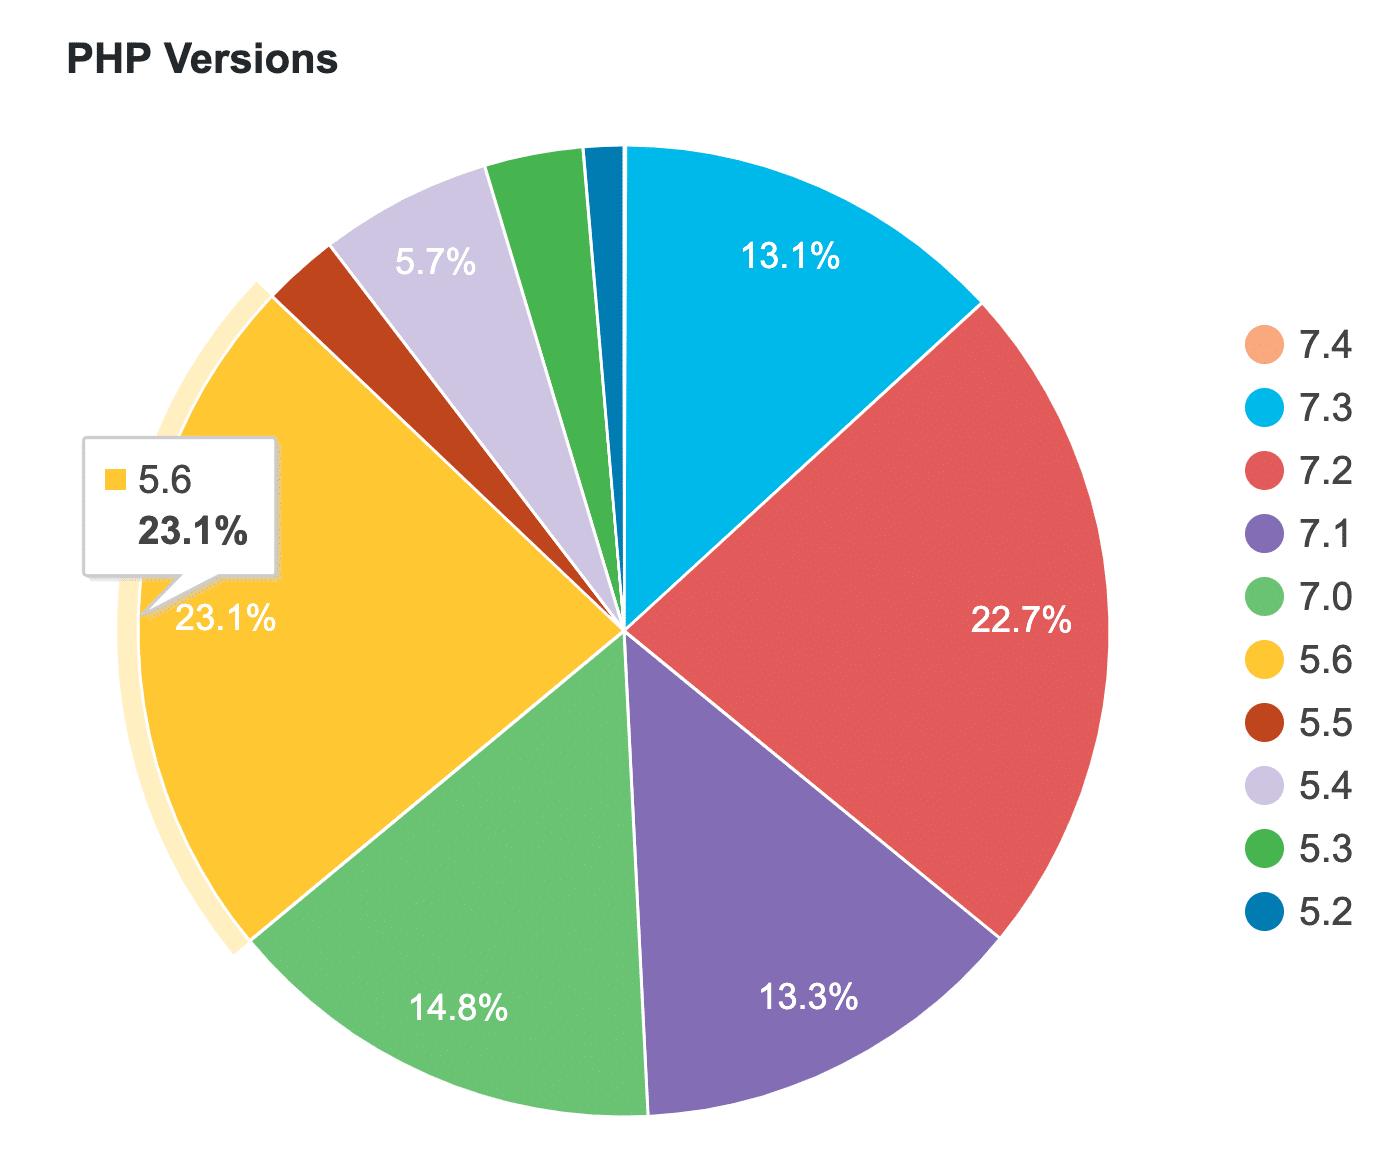 WordPressのPHPバージョンの分析データ